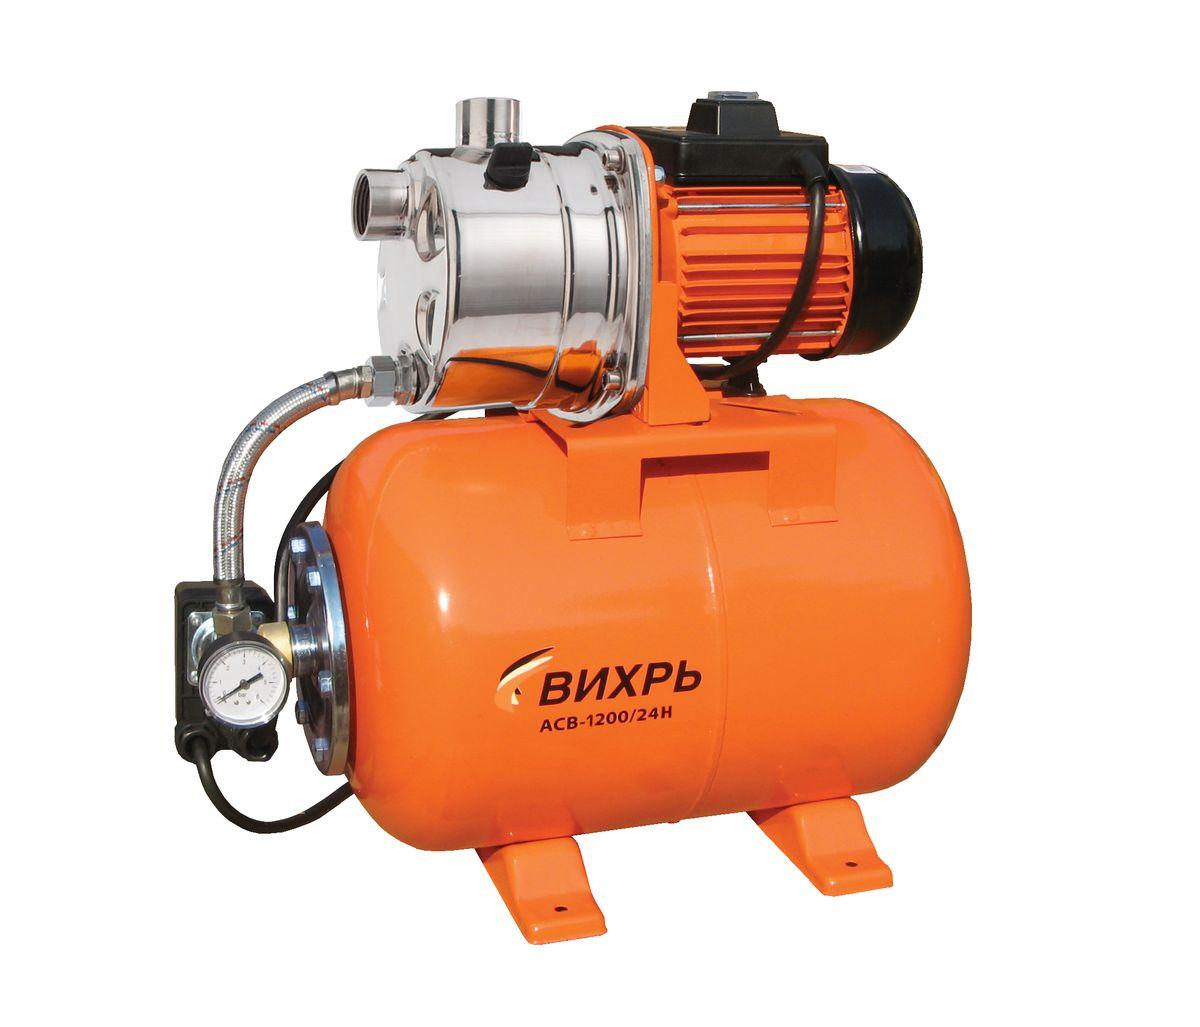 Насосная станция Вихрь АСВ-1200/24Н68/1/6Насосная станция Вихрь АСВ-1200/24Н предназначена для бесперебойного водоснабжения в автоматическом режиме, коттеджей, дач, ферм и других потребителей. При этом она автоматически поддерживает необходимое давление в системе водоснабжения, самостоятельно включаясь и отключаясь по мере расходования воды потребителями. Встроенный датчик давления обеспечивает автоматическое включение насоса в случае необходимости. Гидроаккумулятор служит для аккумулирования воды под давлением и сглаживания гидроударов. Он состоит из стального резервуара со сменной мембраной из пищевой резины и имеет пневмоклапан для закачивания сжатого воздуха. Насос со встроенным эжектором, сочетает преимущества центробежных с практичностью самовсасывающих насосов. Встроенный внутренний эжектор с системой труб Вентури обеспечивает хорошие условия всасывания на входе в насос и позволяет создать высокое давление на выходе. Они позволяют перекачивать воду с меньшими, по сравнению с обычными...